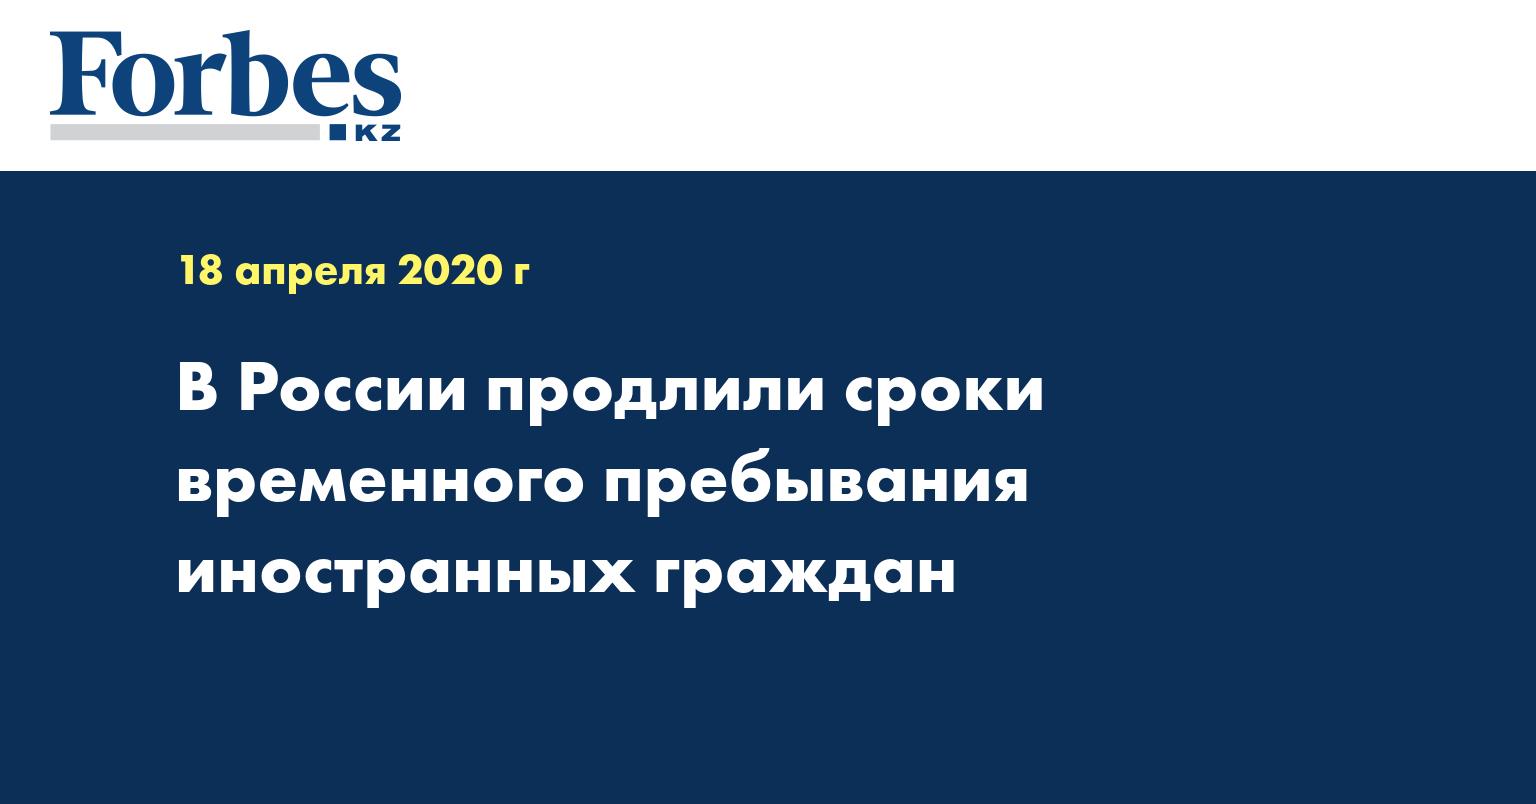 В России продлили сроки временного пребывания иностранных граждан